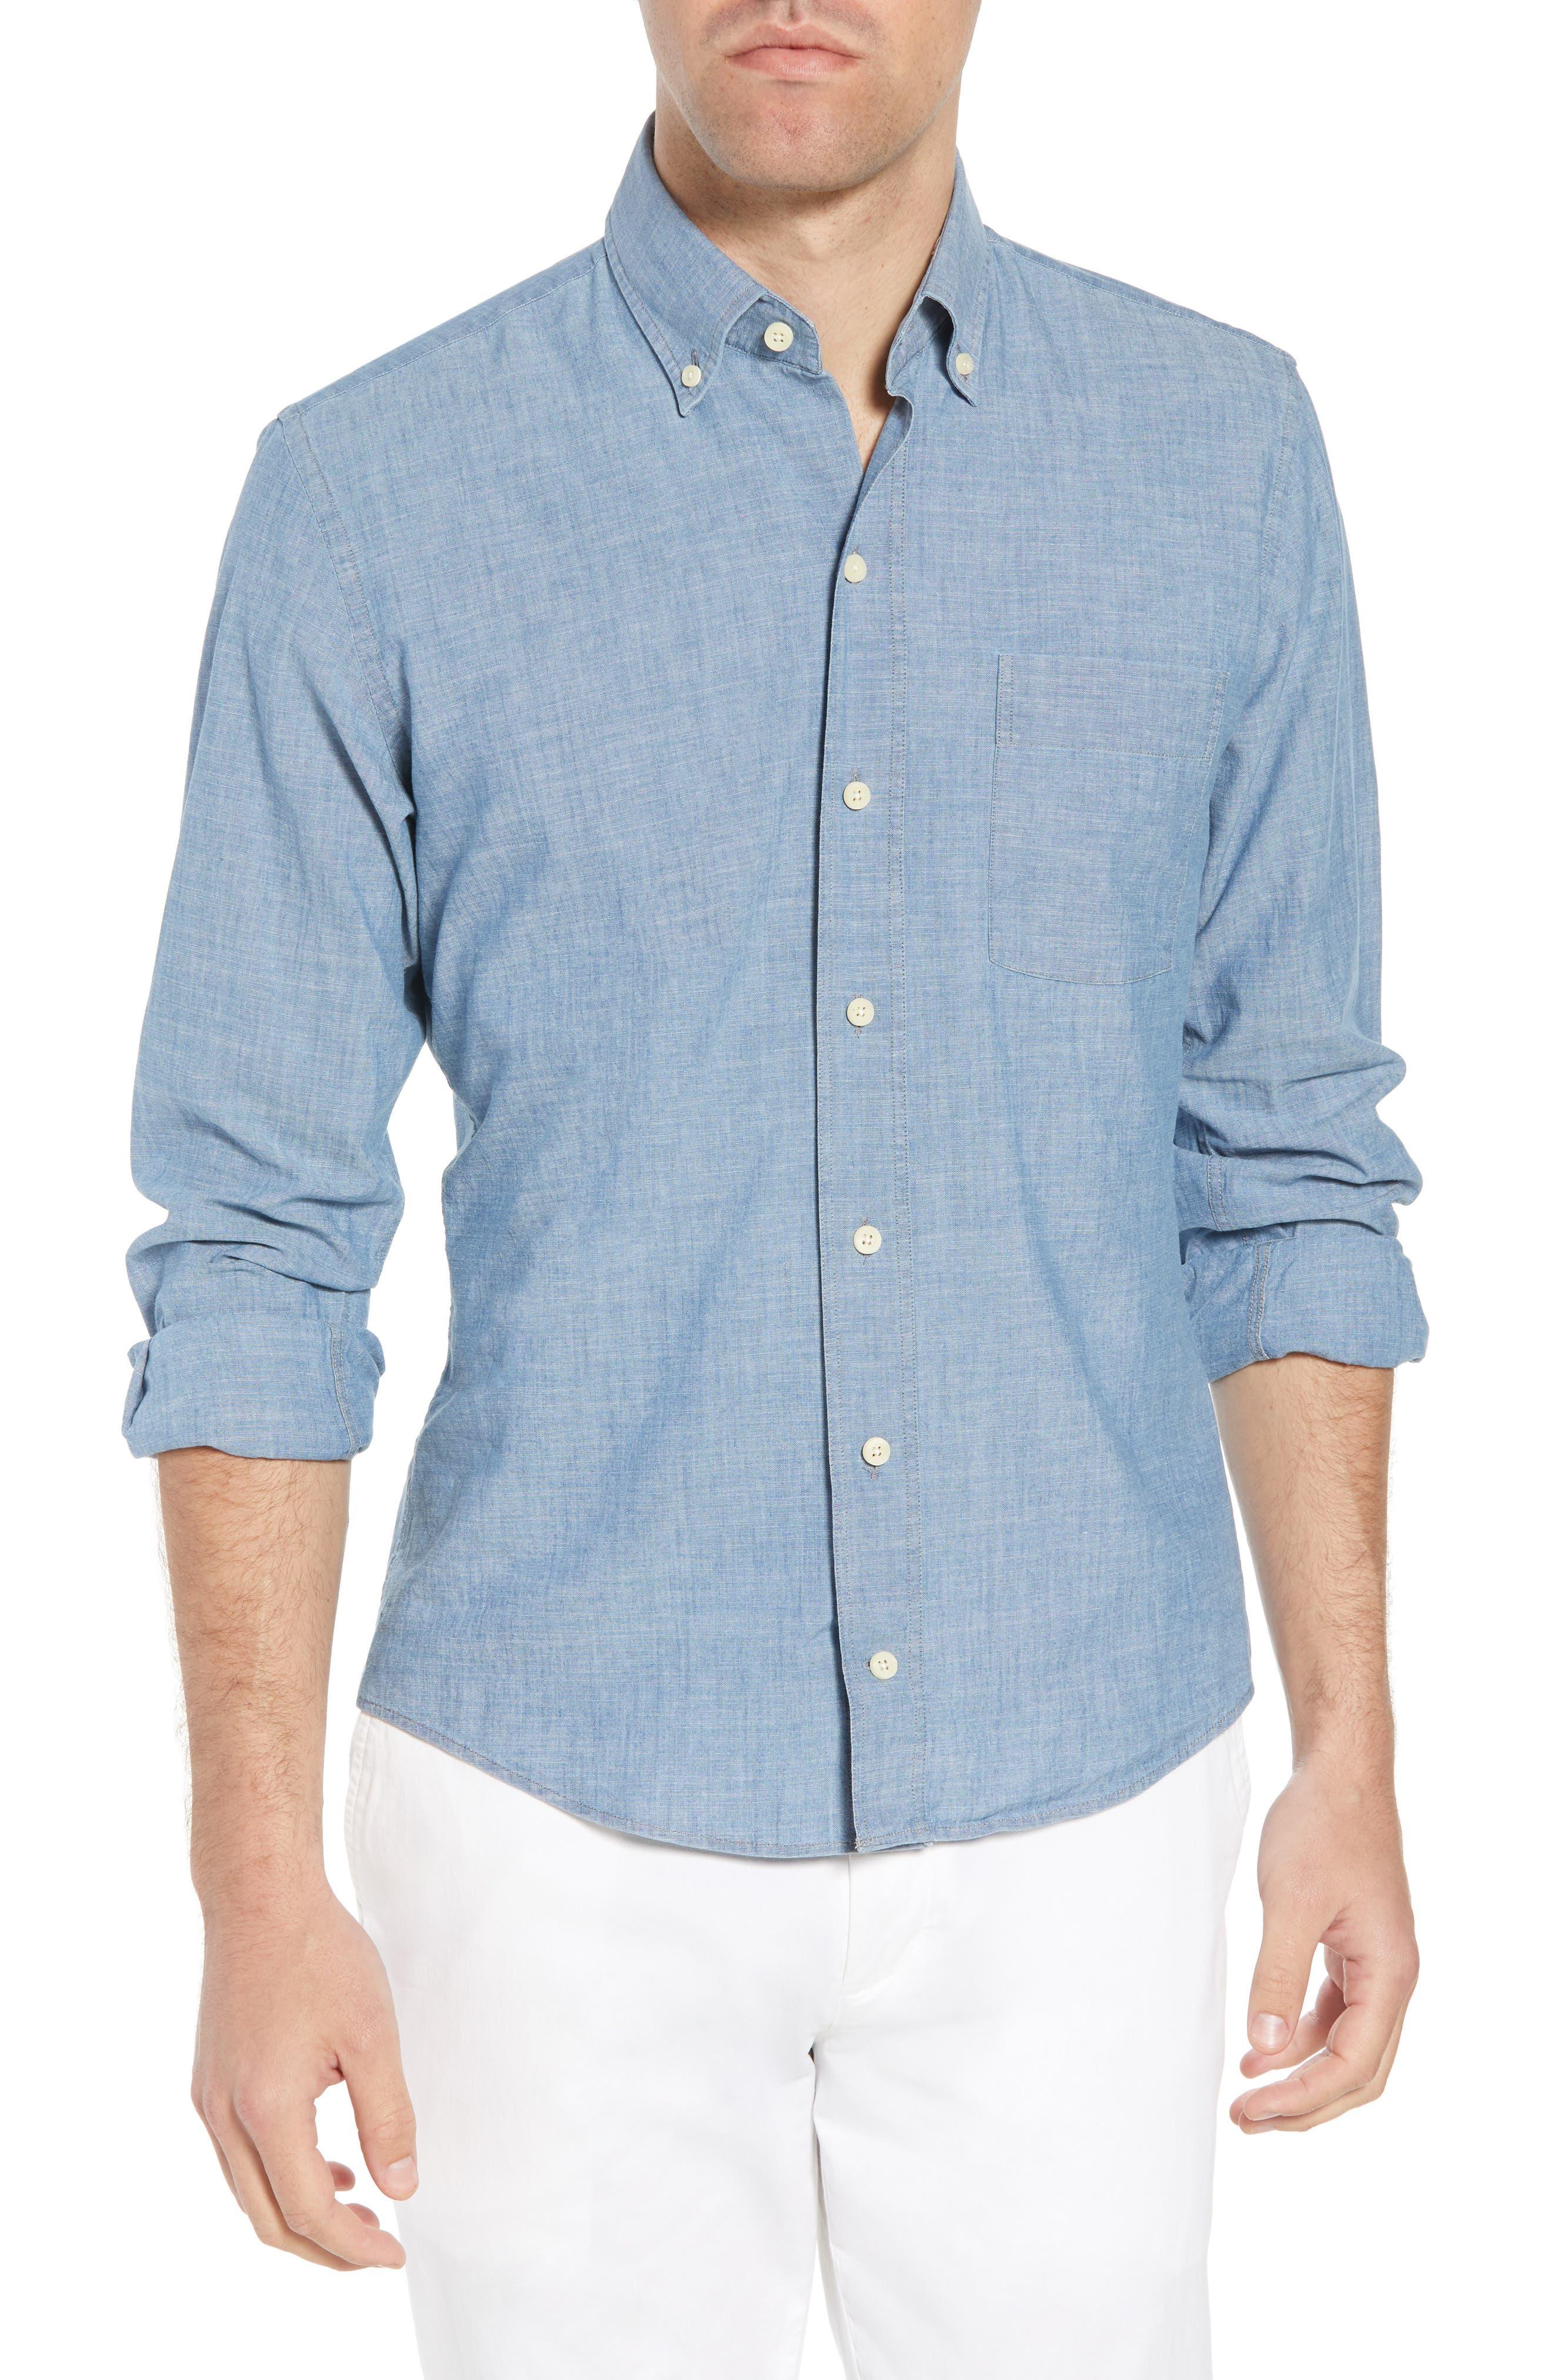 Ancroft Slim Fit Chambray Sport Shirt,                             Main thumbnail 1, color,                             400